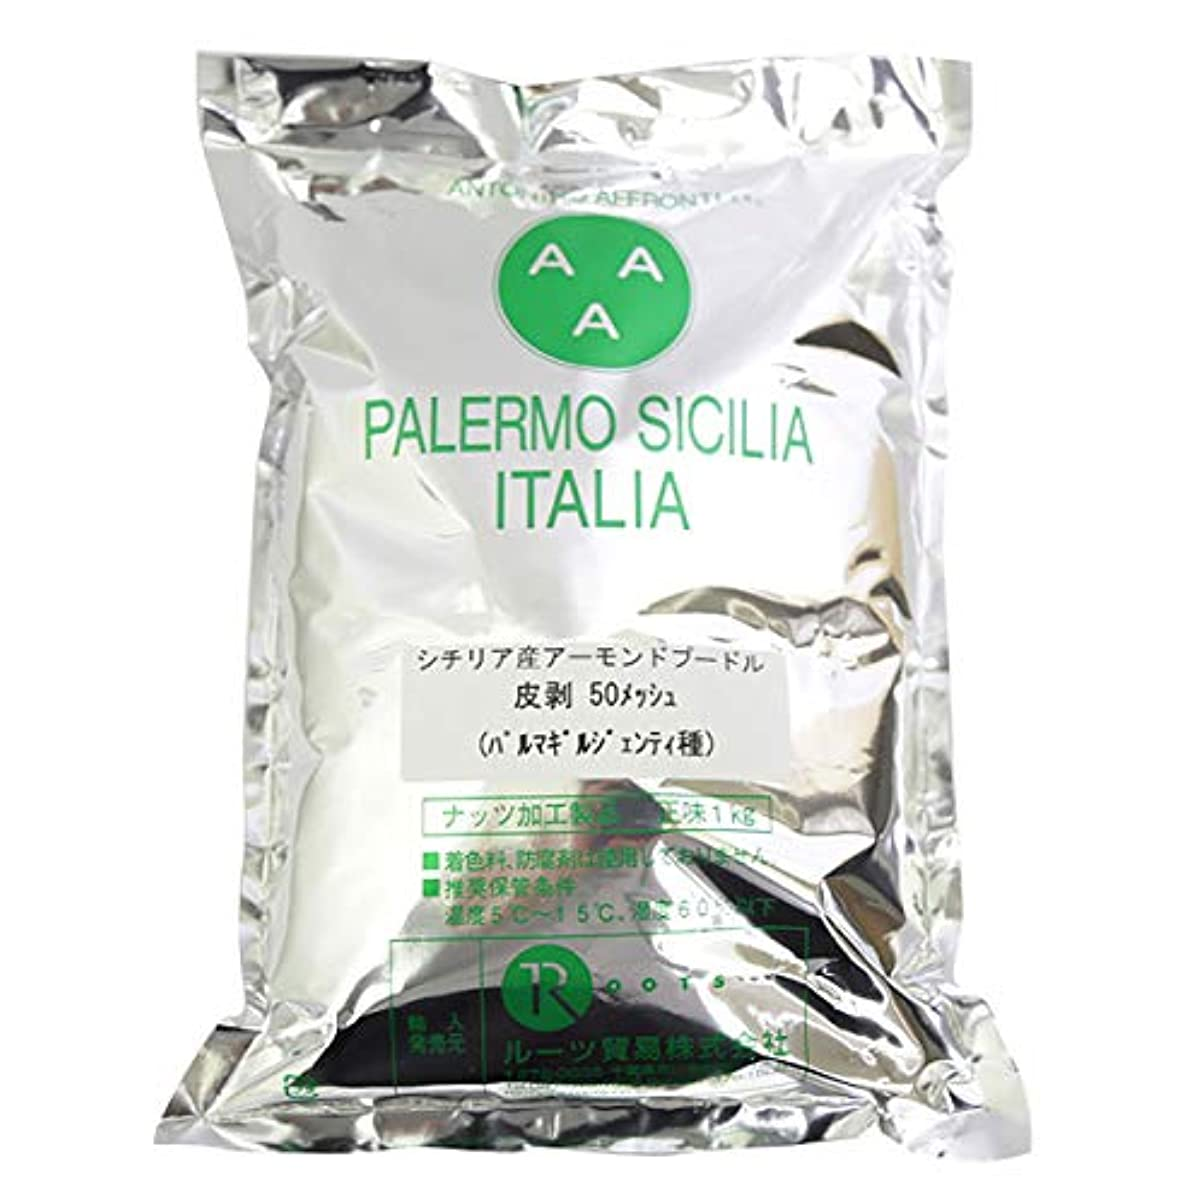 舌な信頼性あそこ【業務用】 PALERMO SICILIA ITALIA シチリア産 アーモンドプードル 皮剥 50メッシュ 1kg アーモンドパウダー 皮無